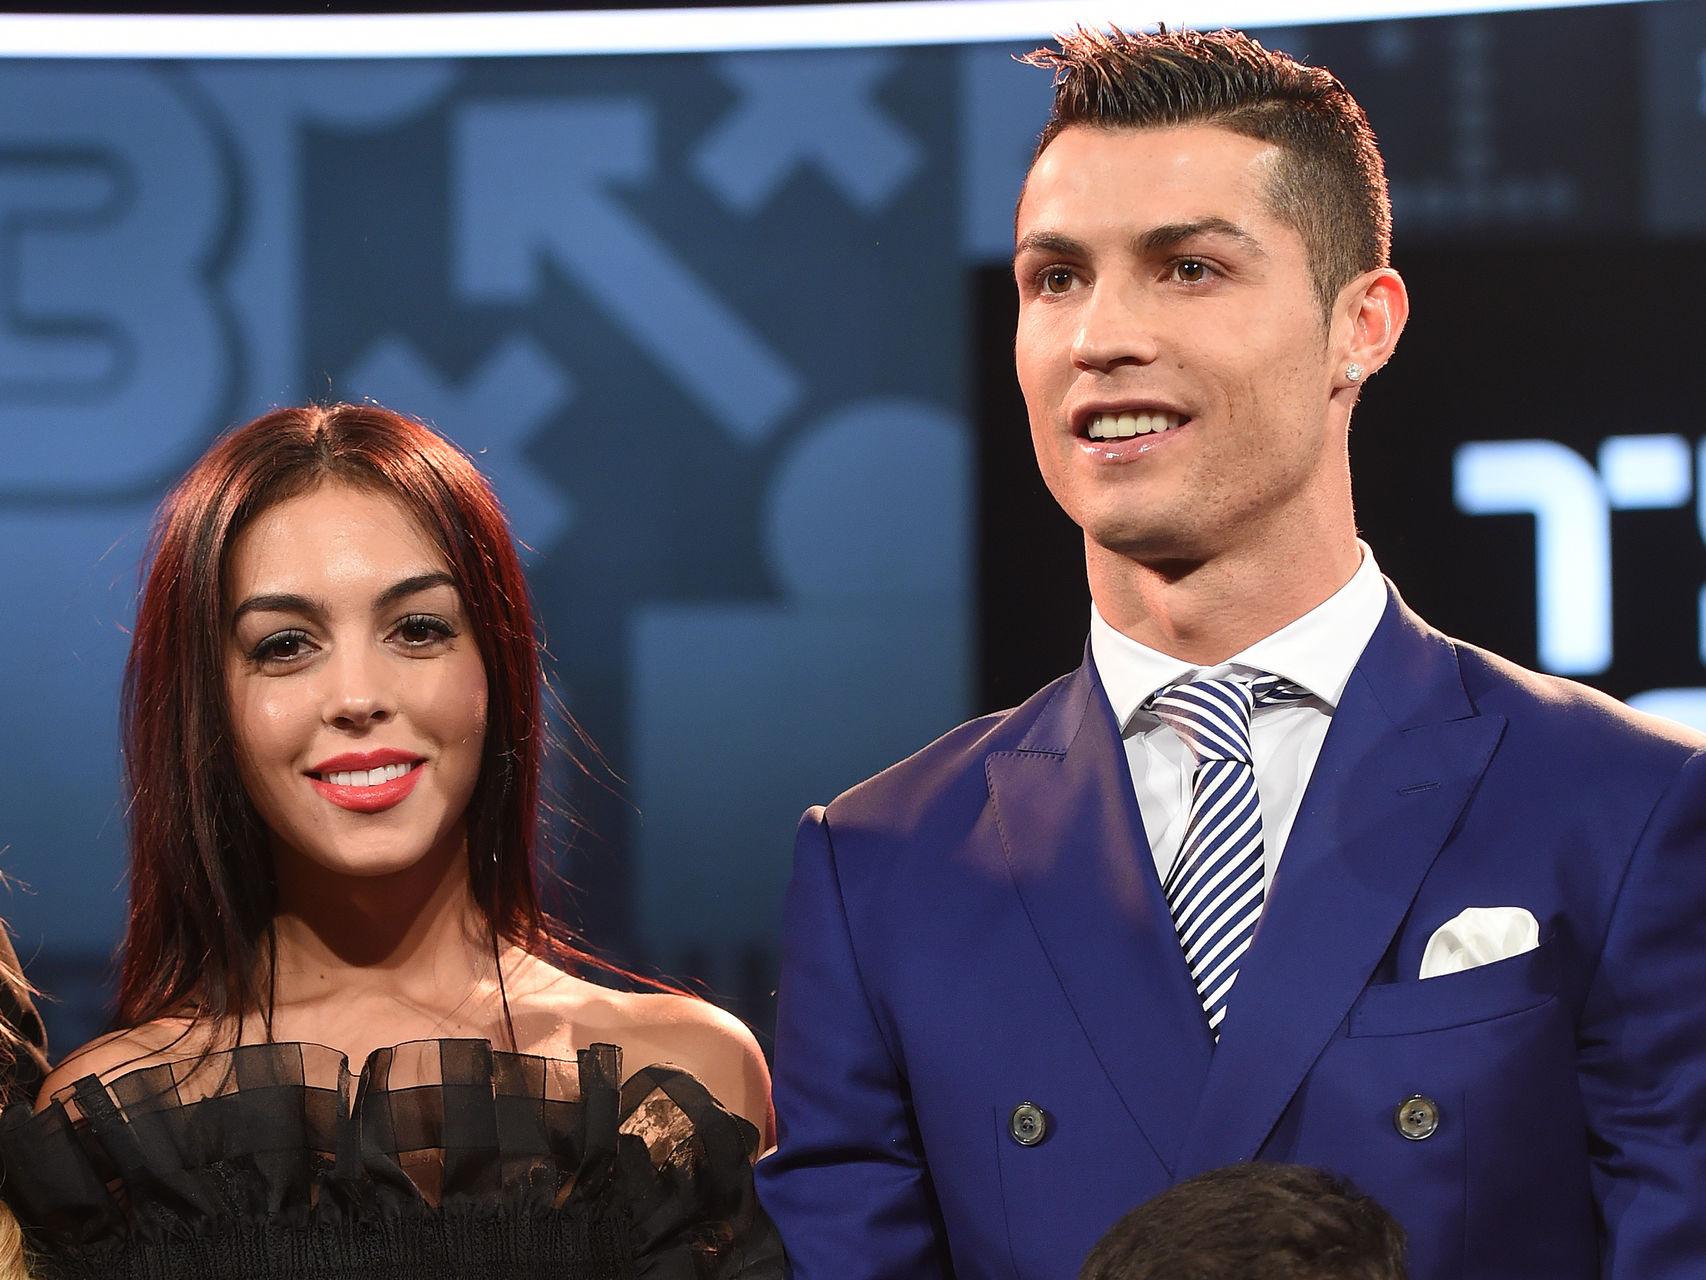 Cristiano presentó a su novia en sociedad hace dos días en la gala de la FIFA.